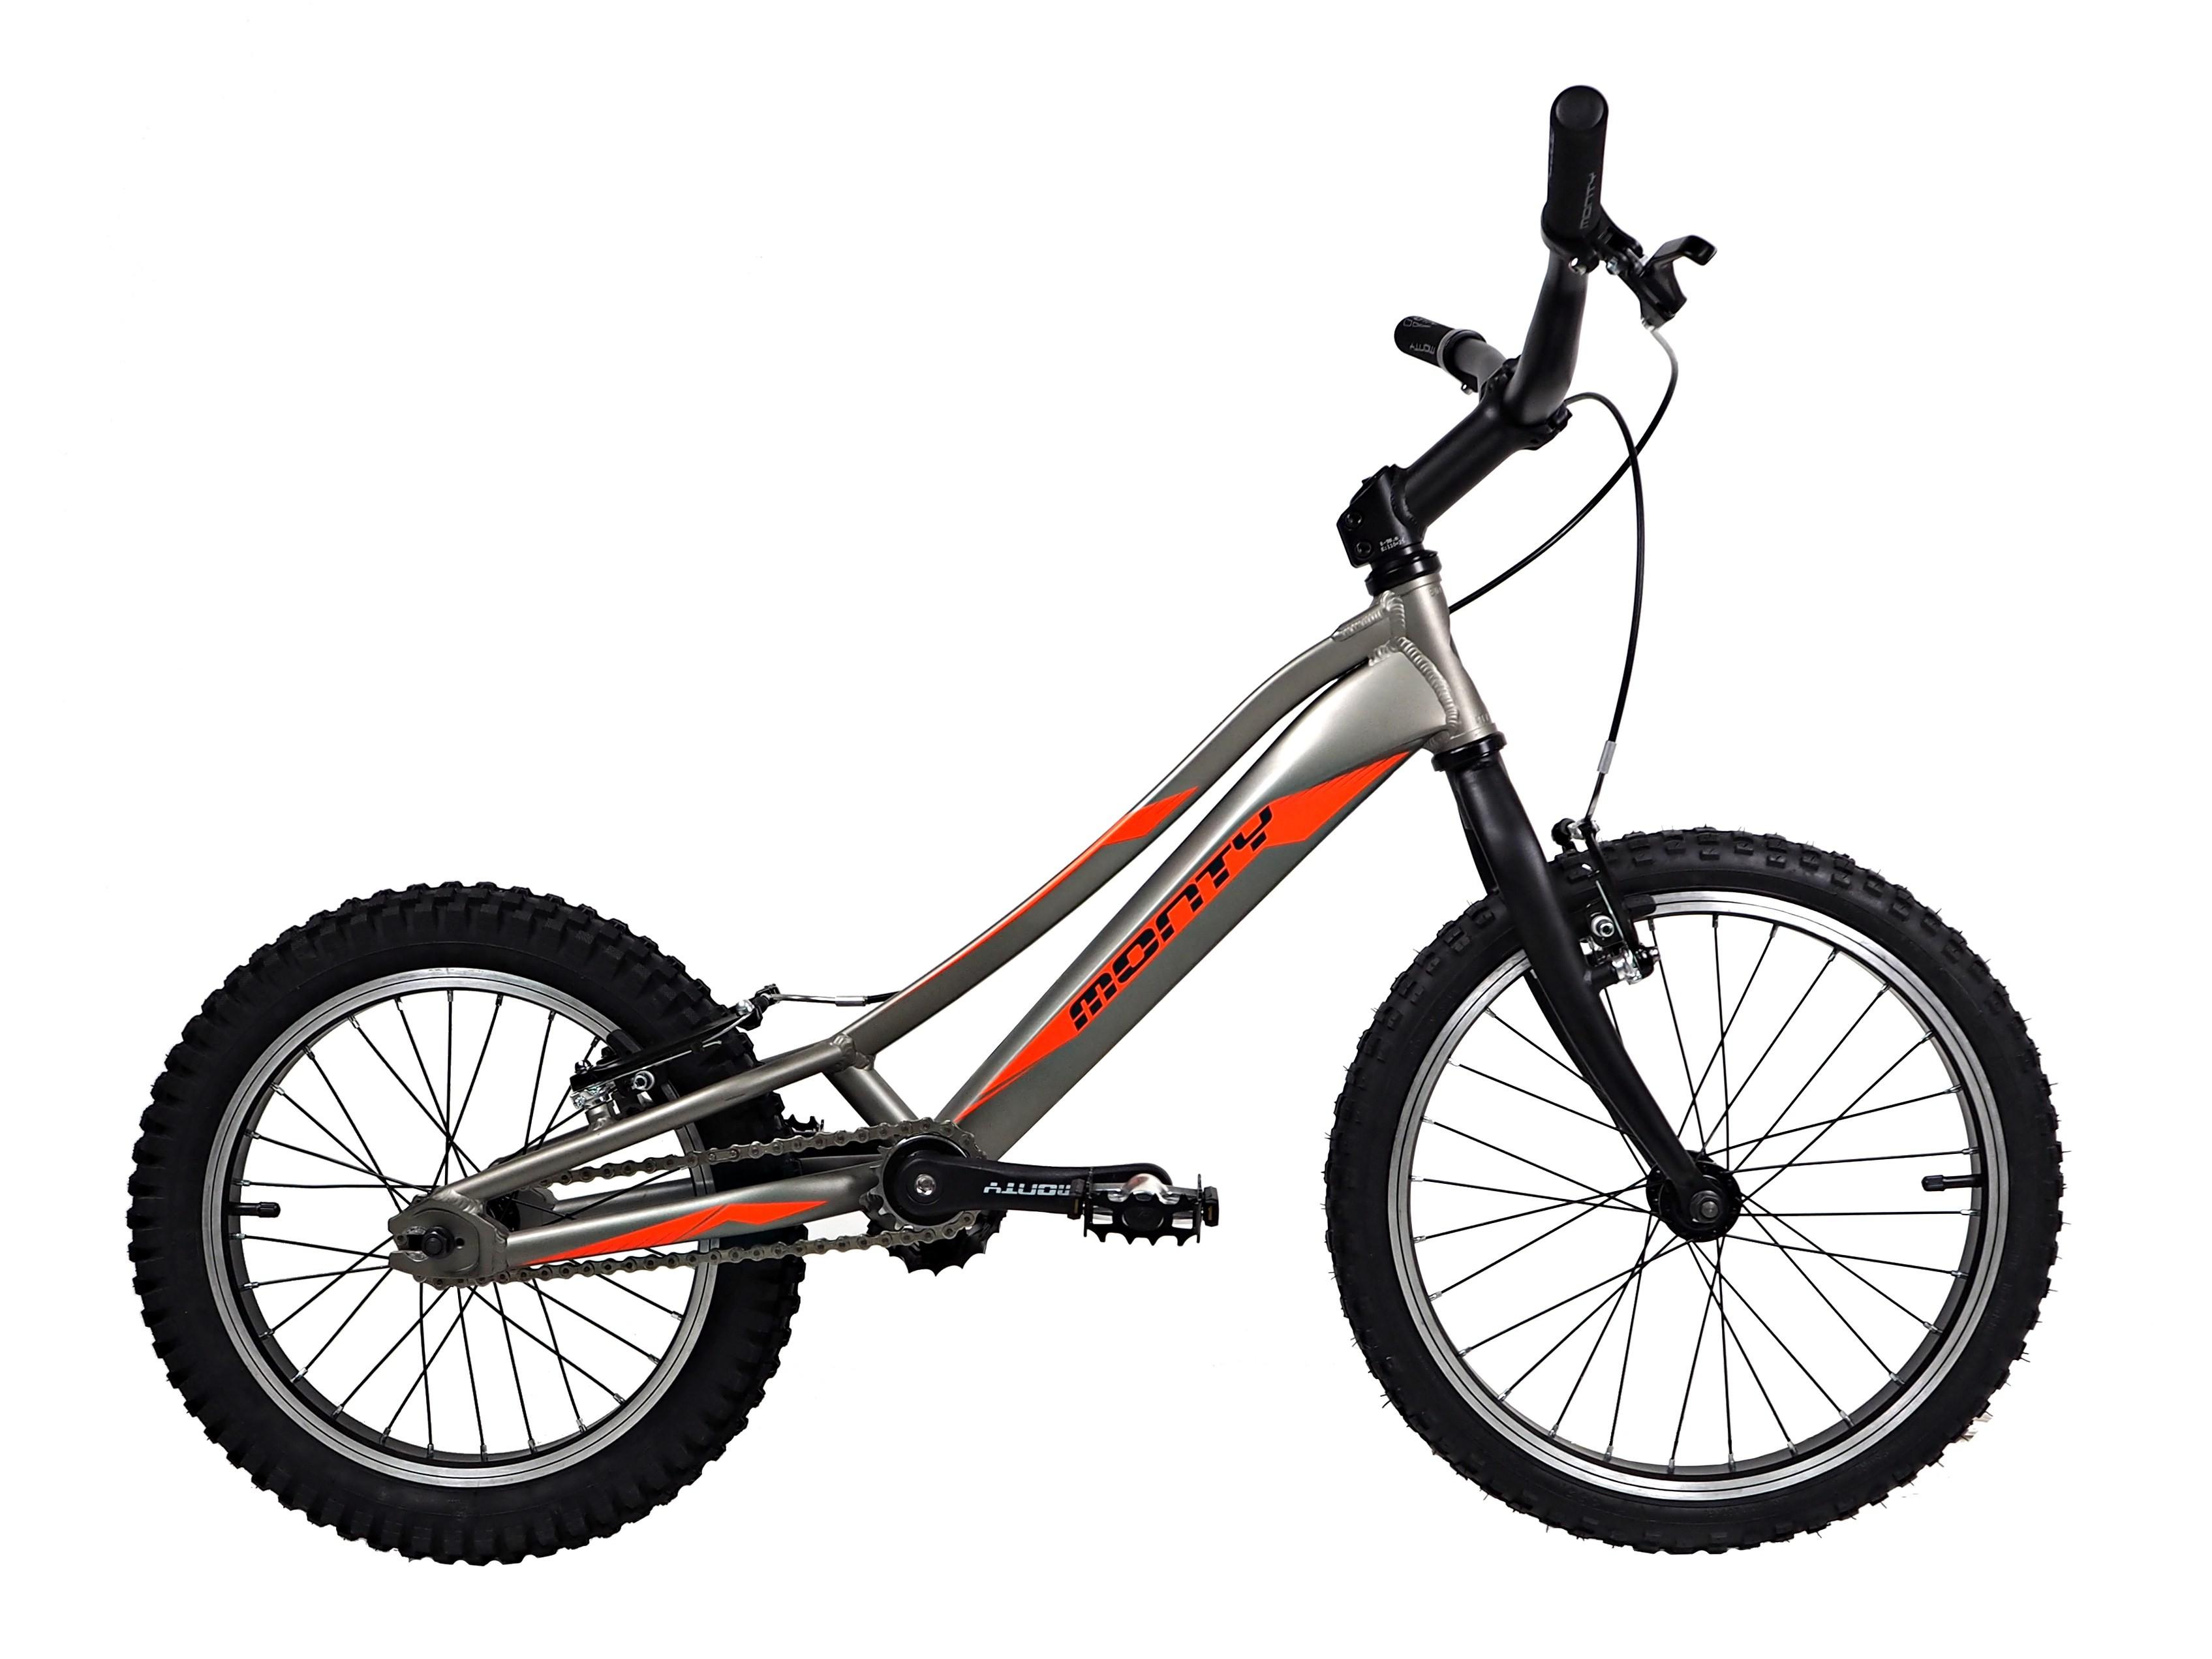 Bicicletas BMX, freeride y de trial, marcas Monty, Conor, GT y más ...